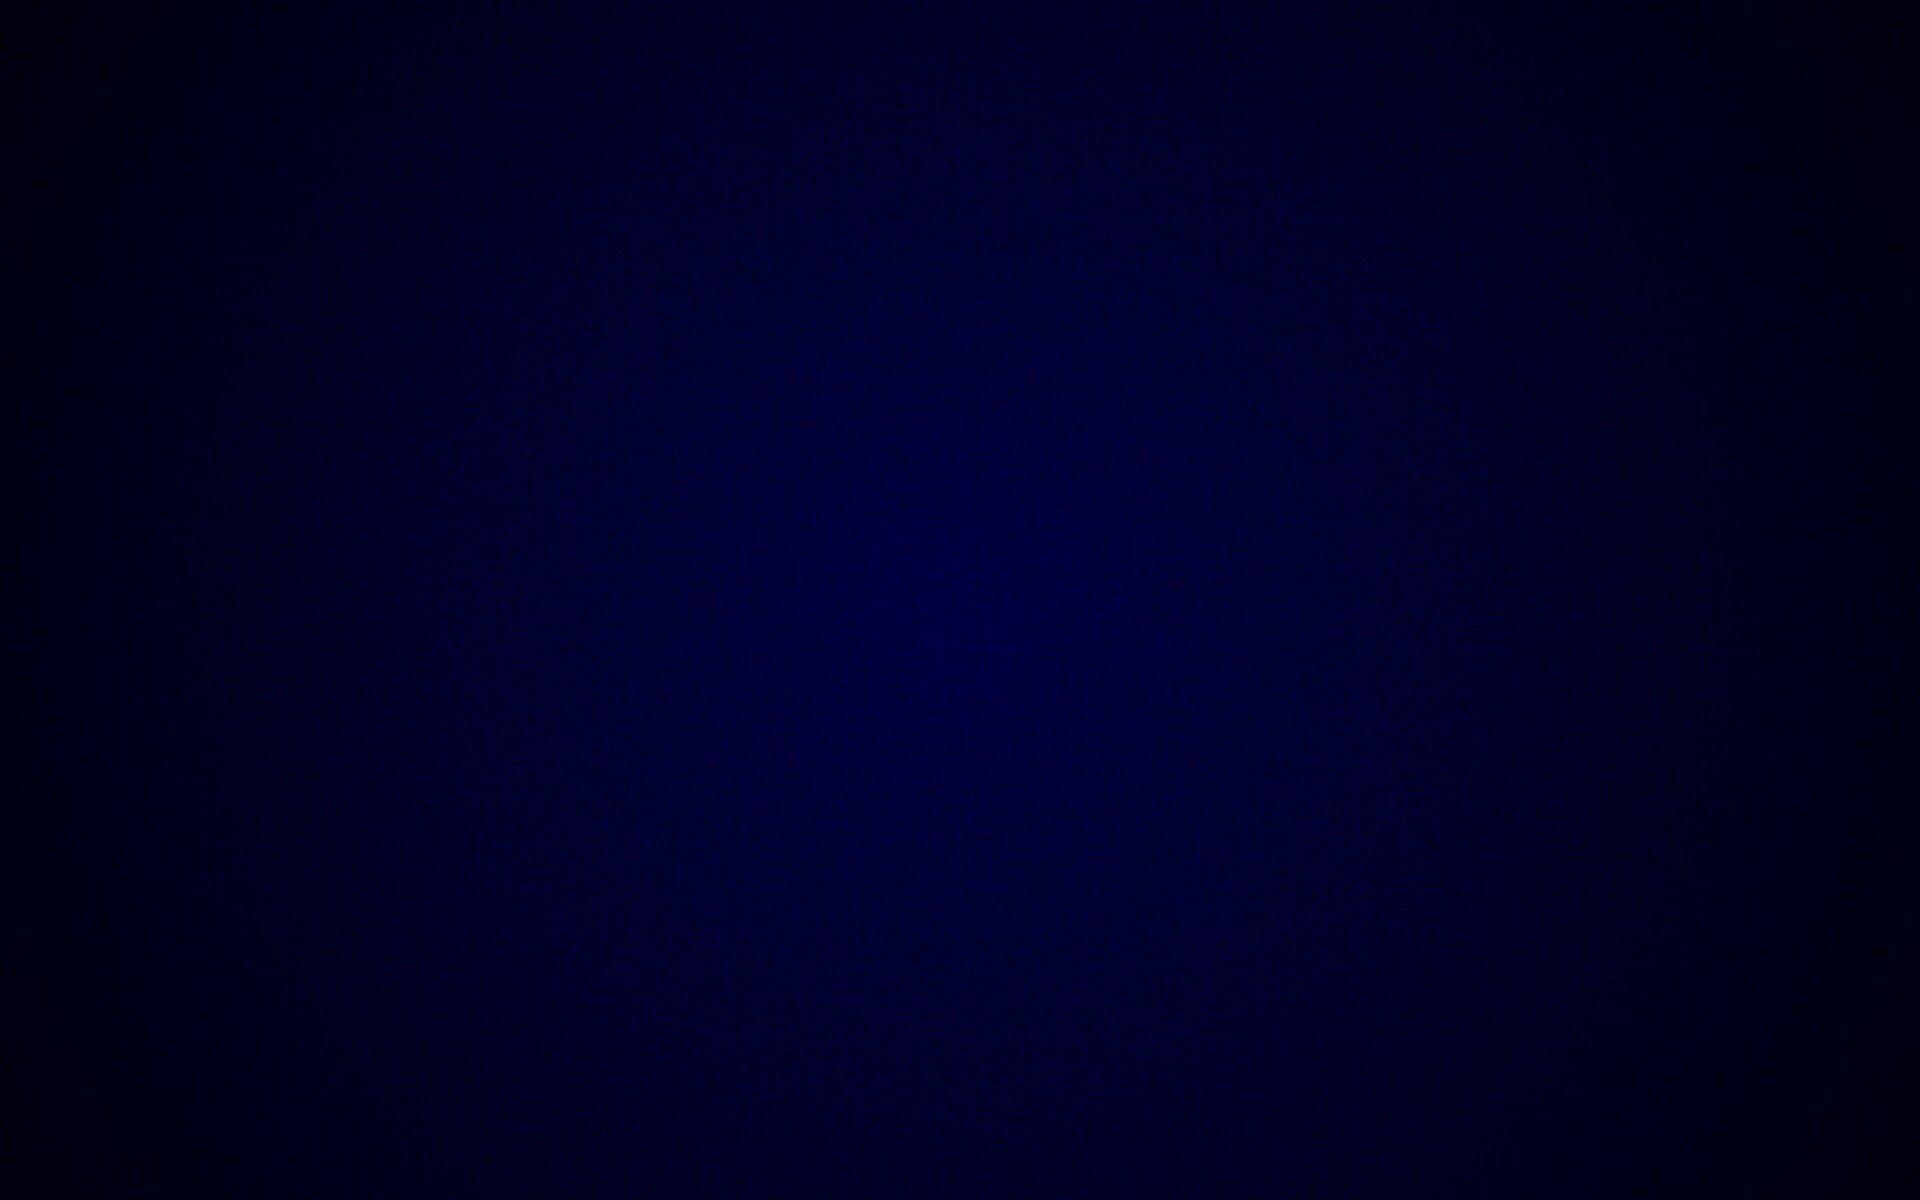 Темный однотонный фон для картинок